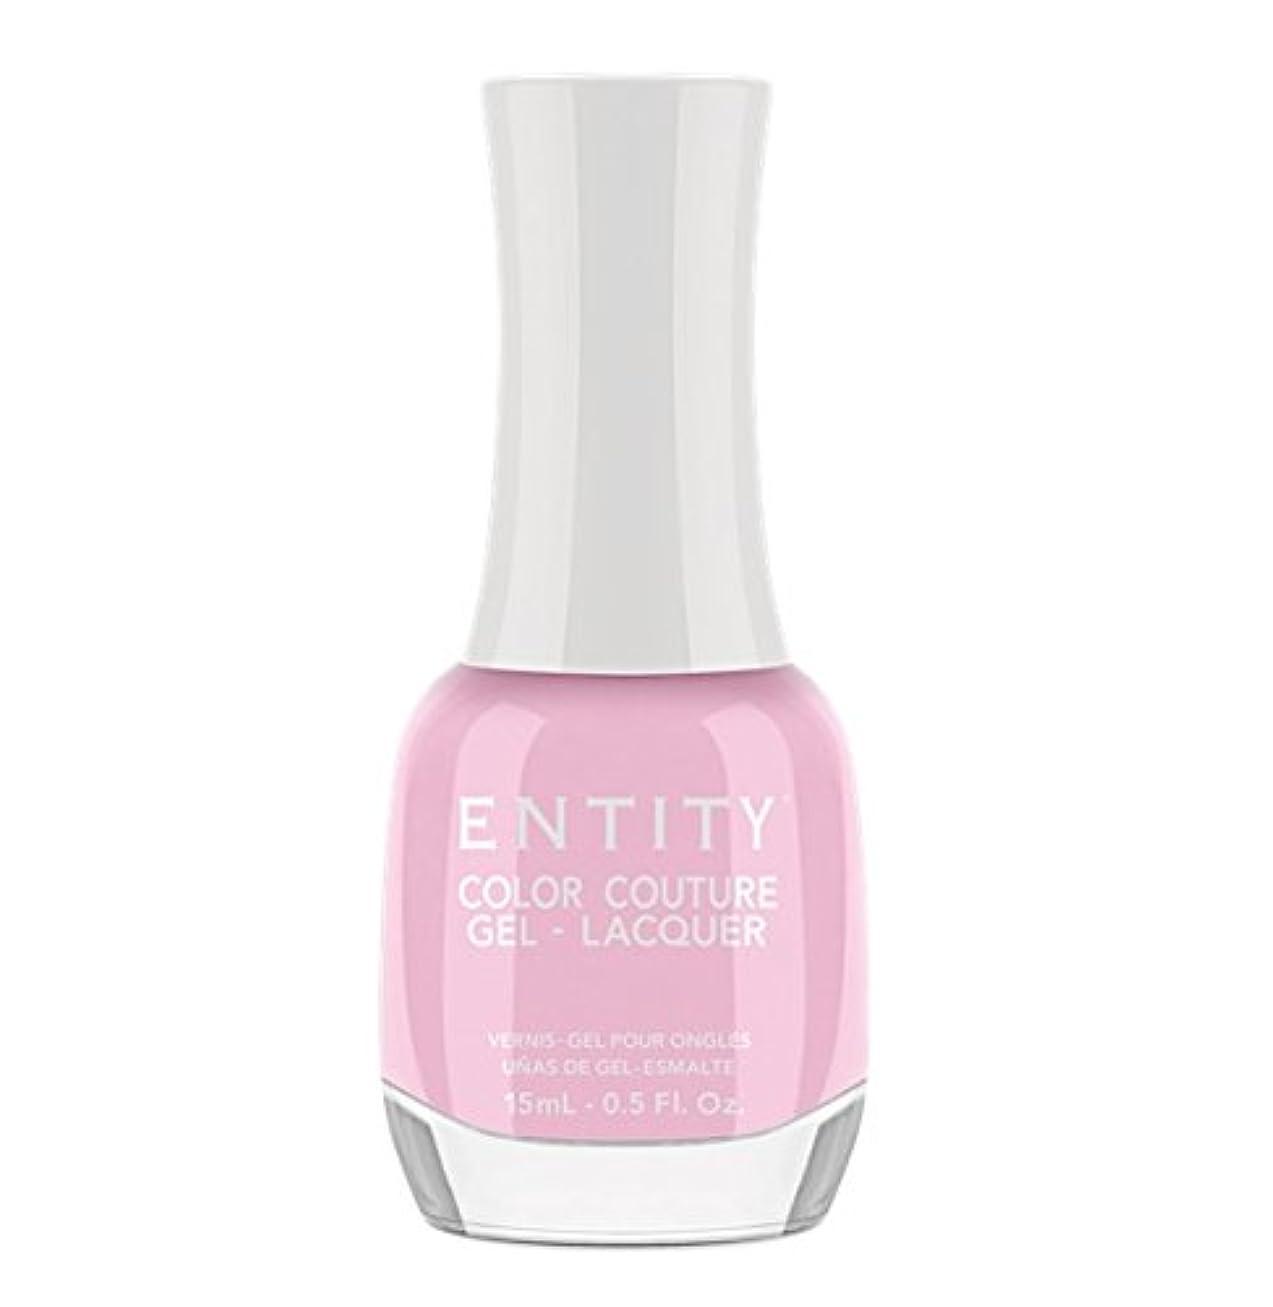 闇凍る生息地Entity Color Couture Gel-Lacquer - Pure Chic - 15 ml/0.5 oz